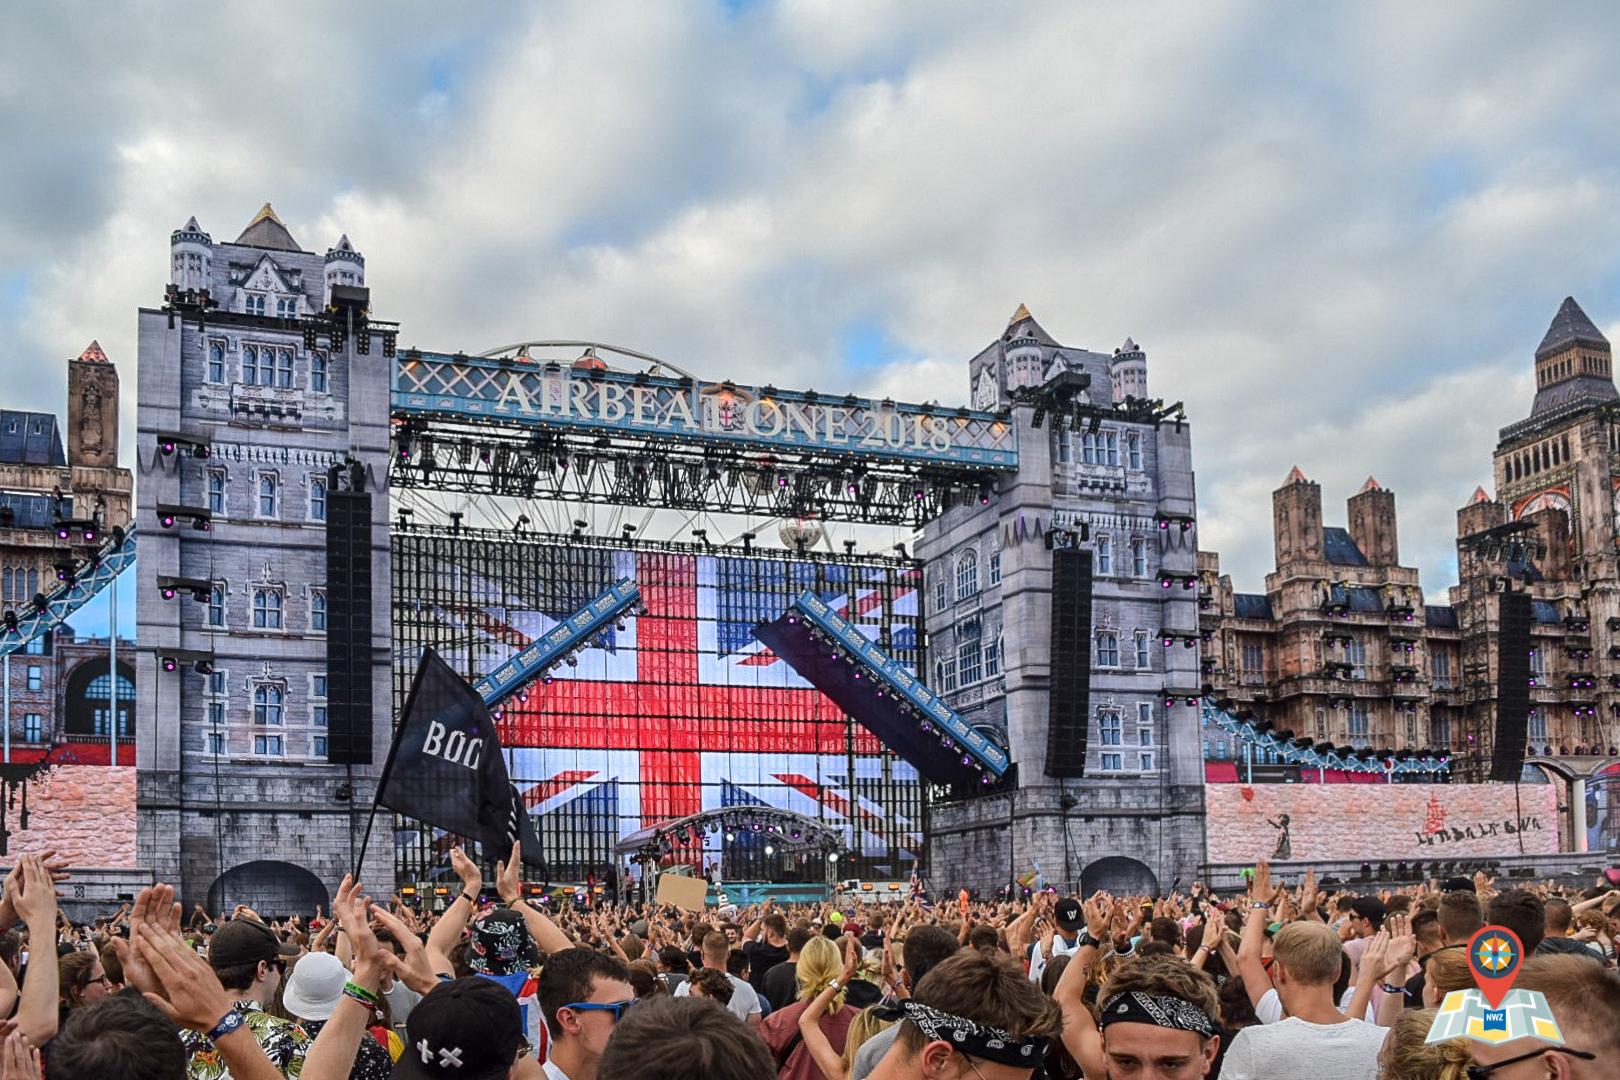 Auf dem Bildschirm des Mainstage ist die britische Flagge zu erkennen. (Bild: Chelsy Haß)